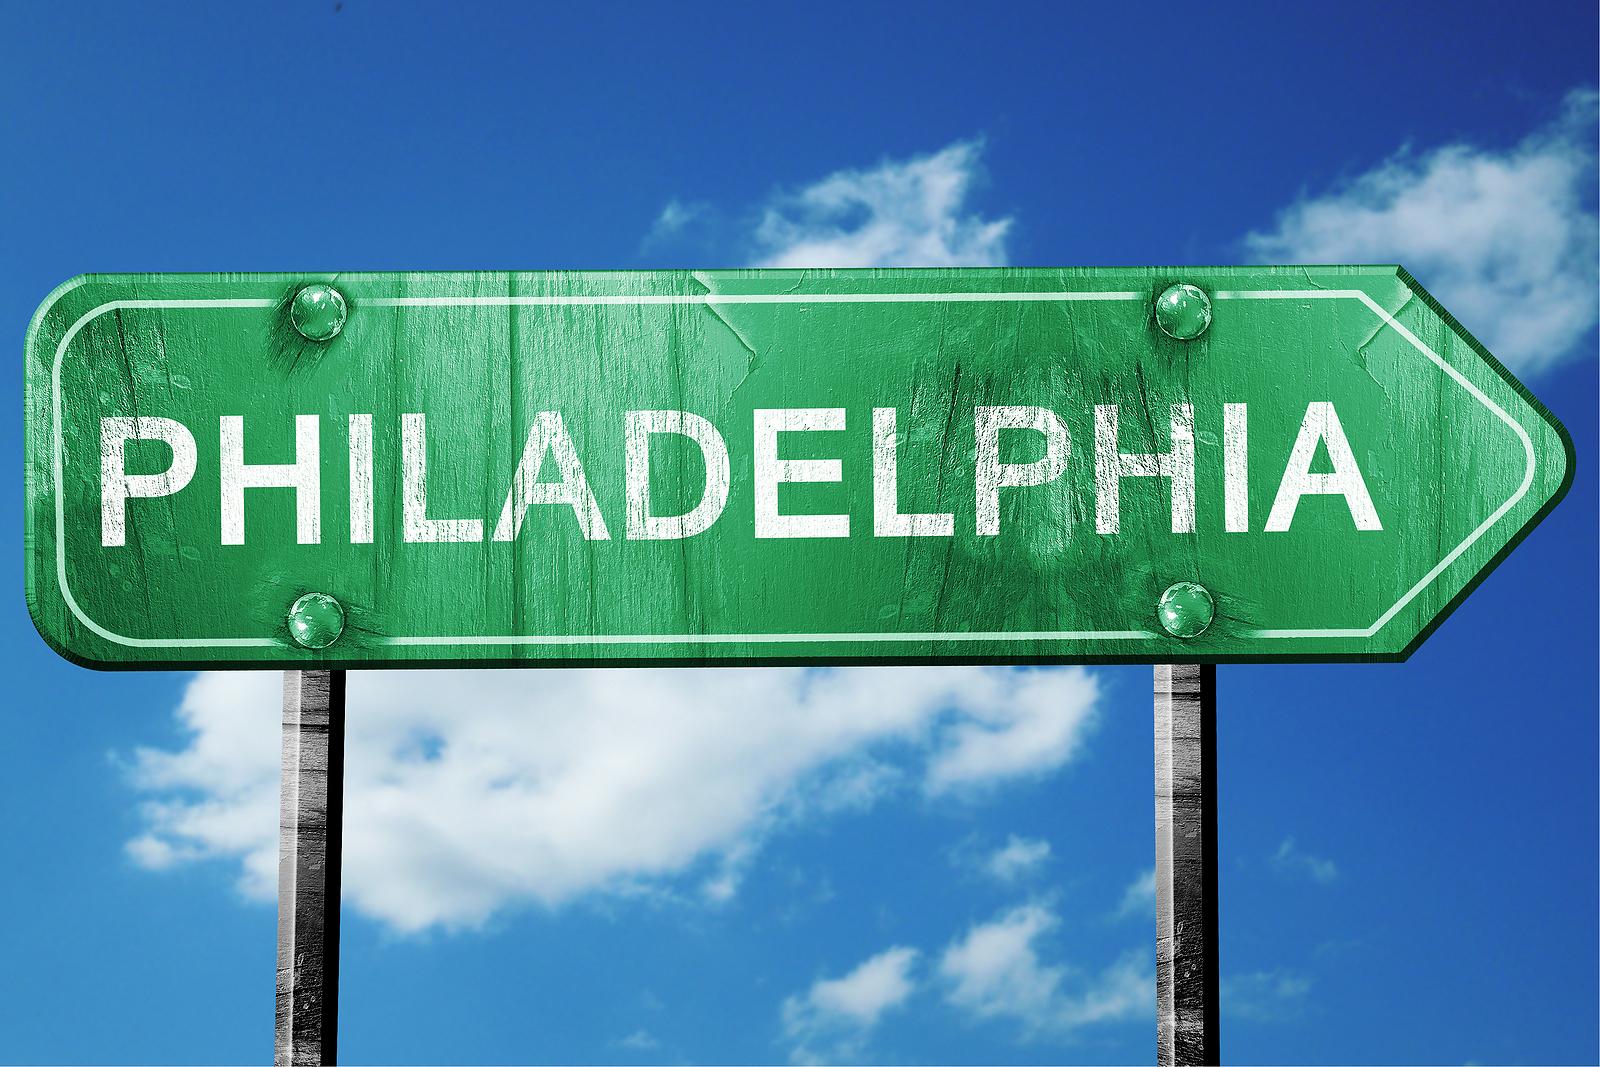 Art Shuttle from Philadelphia to New York